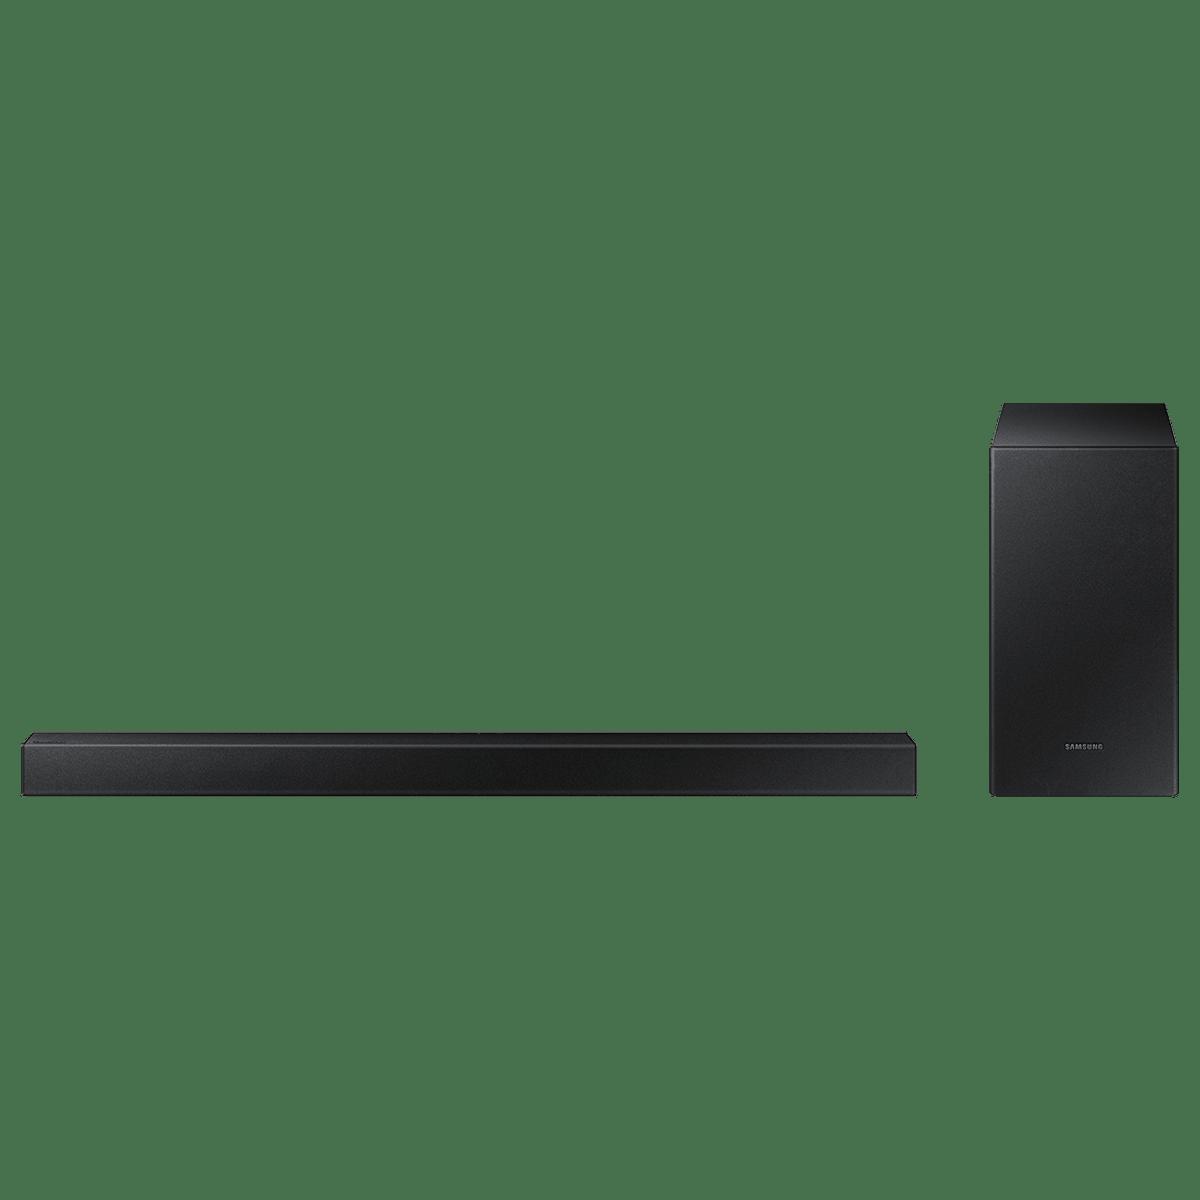 Samsung 2.1 Channel 150 Watts Soundbar with Subwoofer (Wireless Surround Sound, HW-T420/XL, Black)